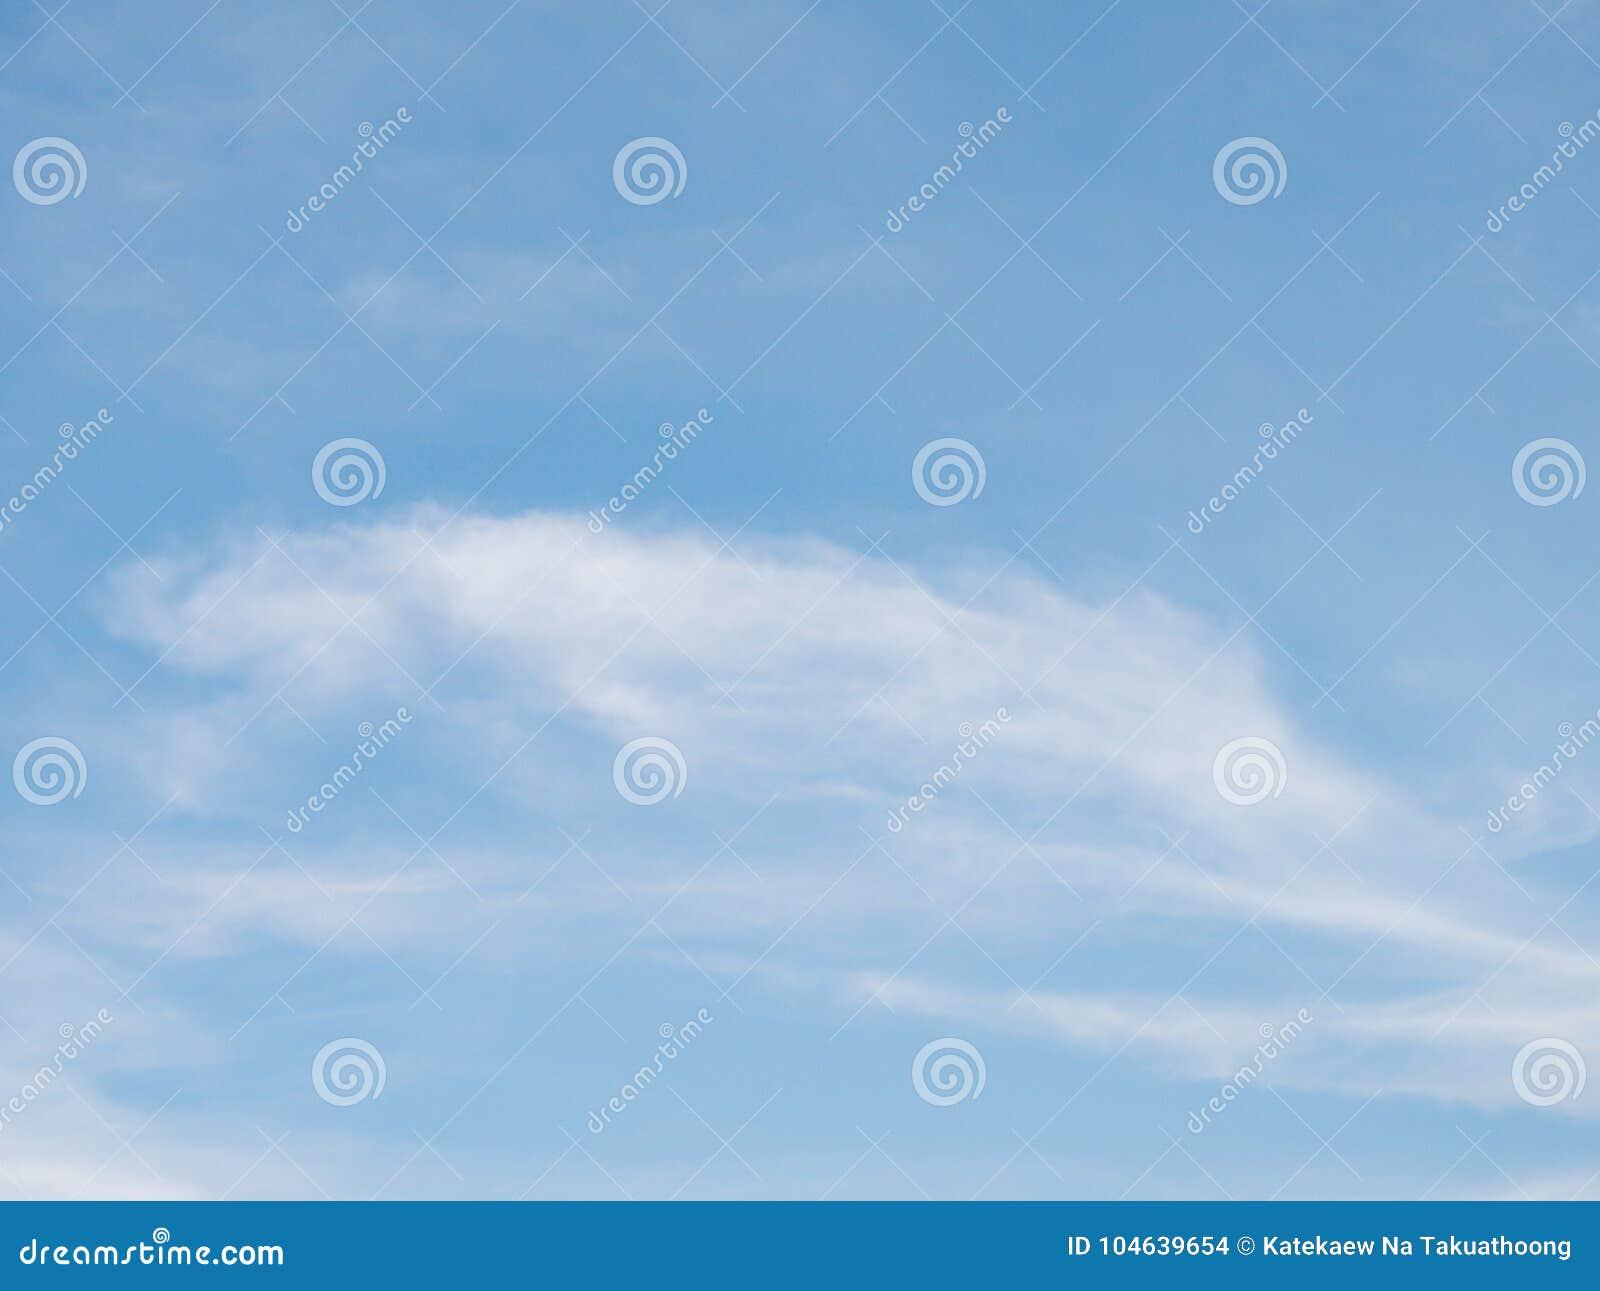 Download Mooie Bewolkte Blauwe Hemel Stock Foto - Afbeelding bestaande uit helder, idyllisch: 104639654